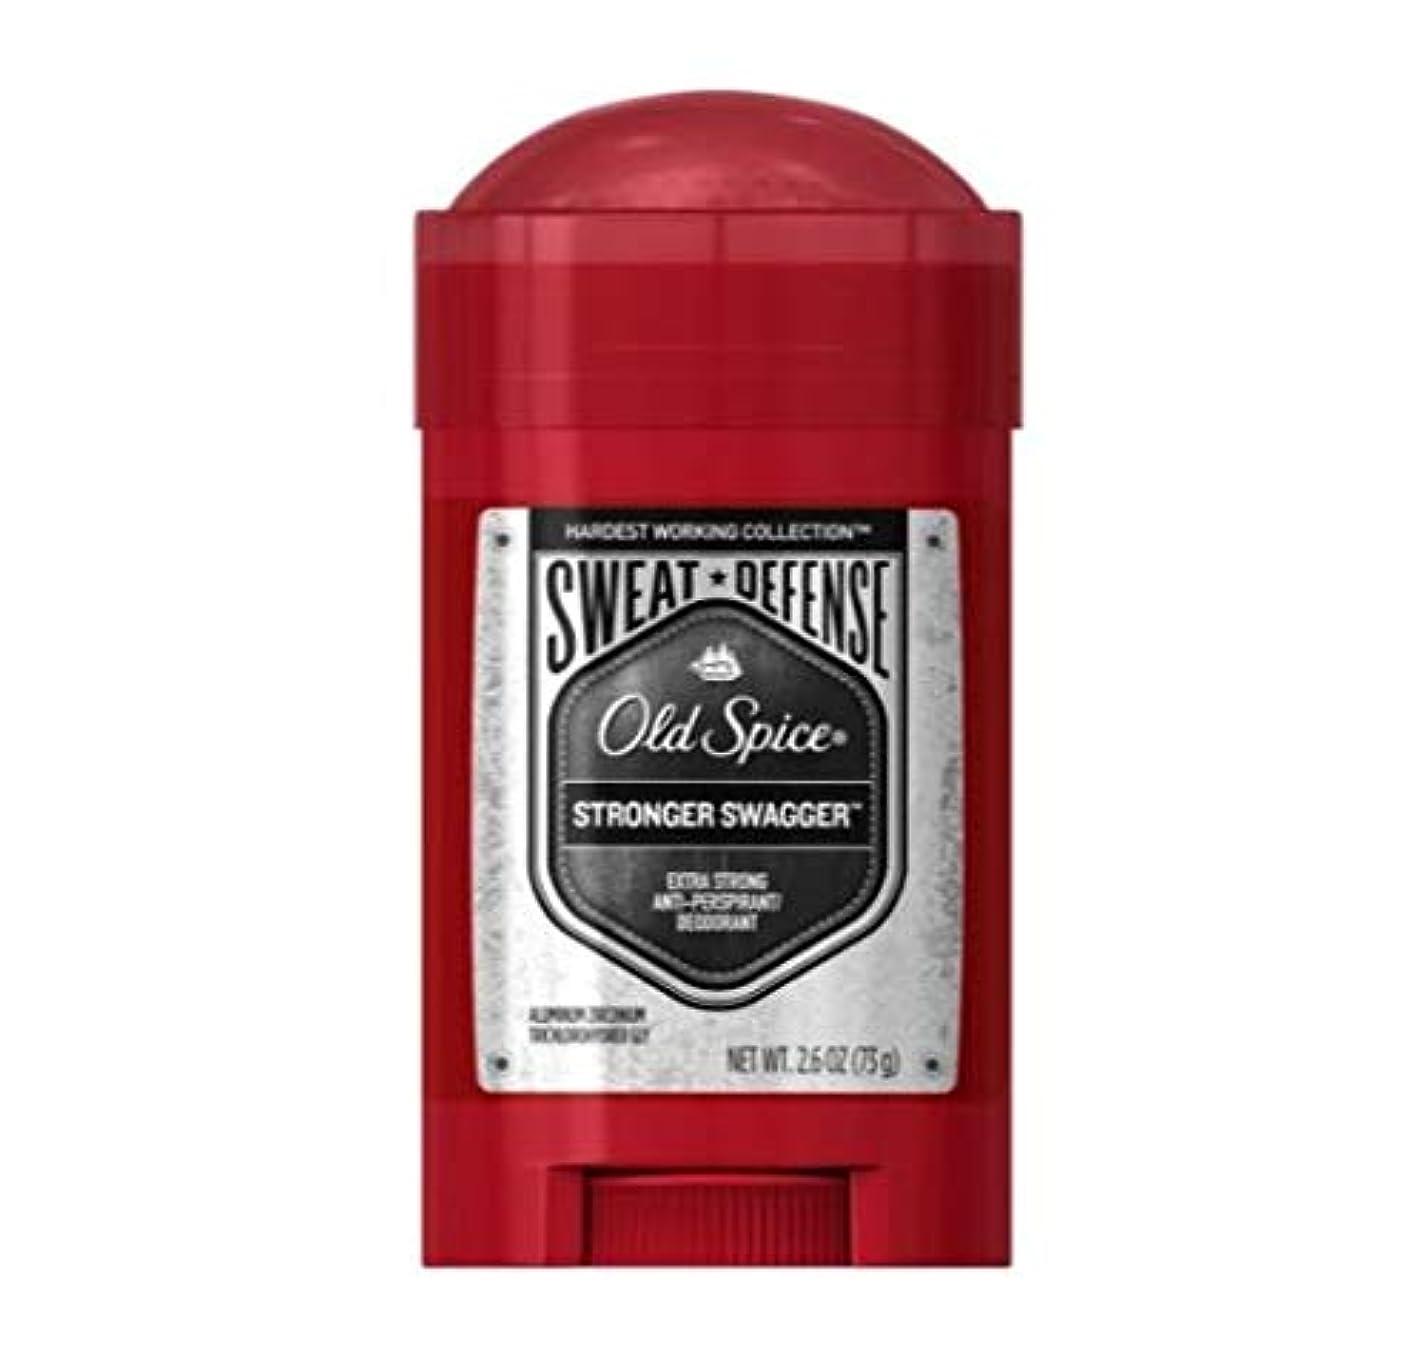 フレアアート思いやりOld Spice Hardest Working Collection Sweat Defense Stronger Swagger Antiperspirant and Deodorant - 2.6oz オールドスパイス...